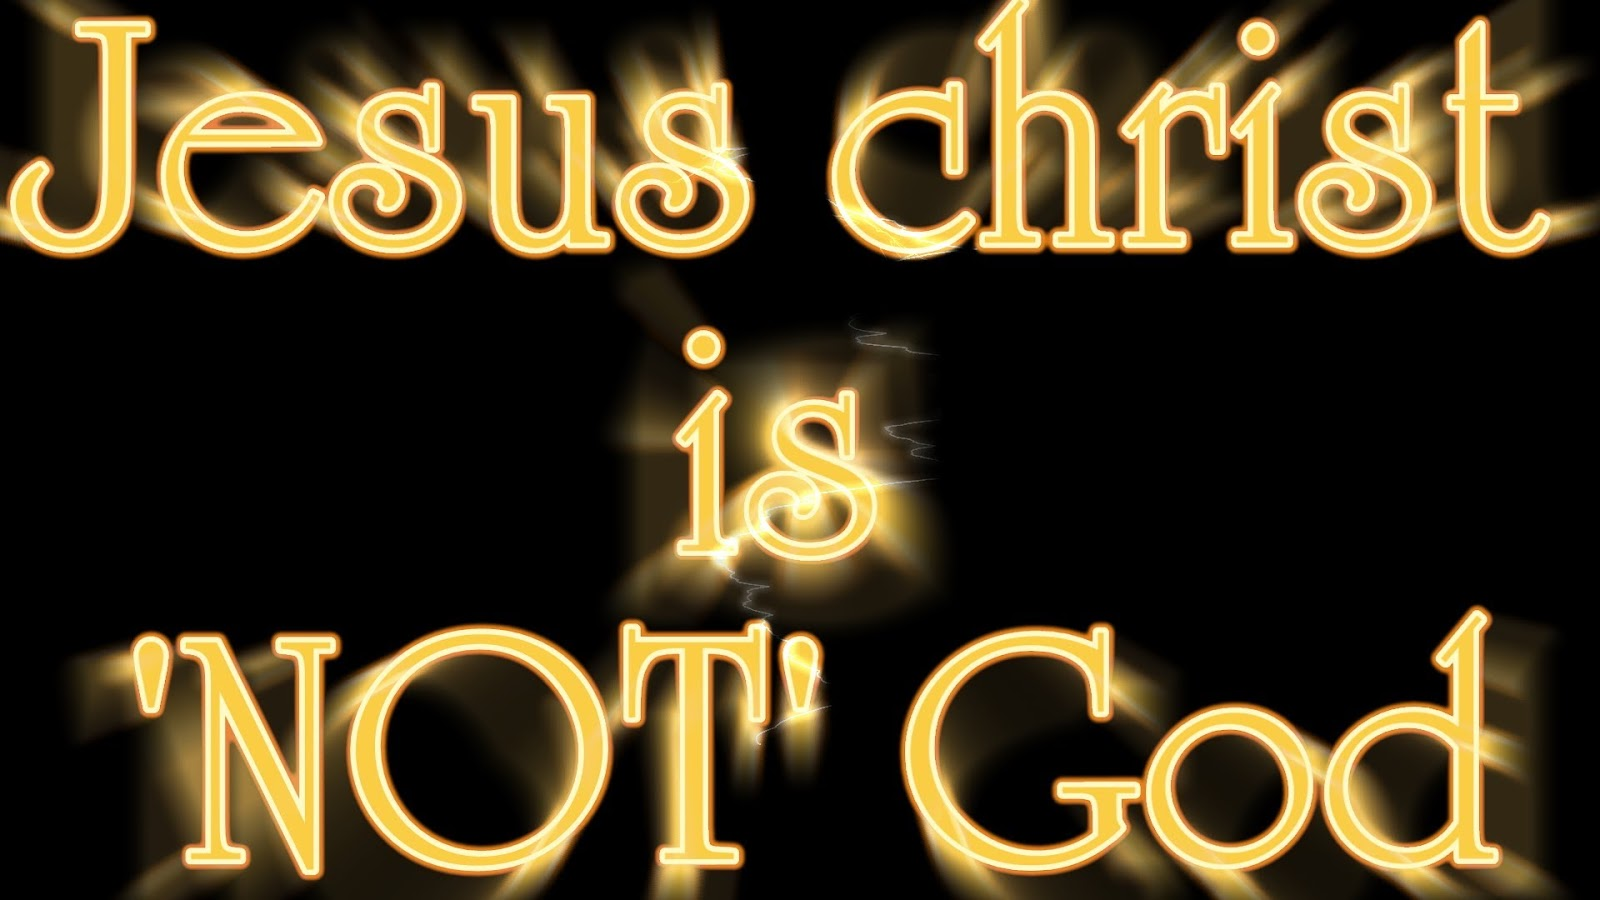 ఏసూ దేవుడు కాదు అనడానికి 20 ముఖ్యమైన కారణాలు----నిజమేనా ? - Jesus is not God, why it is true?